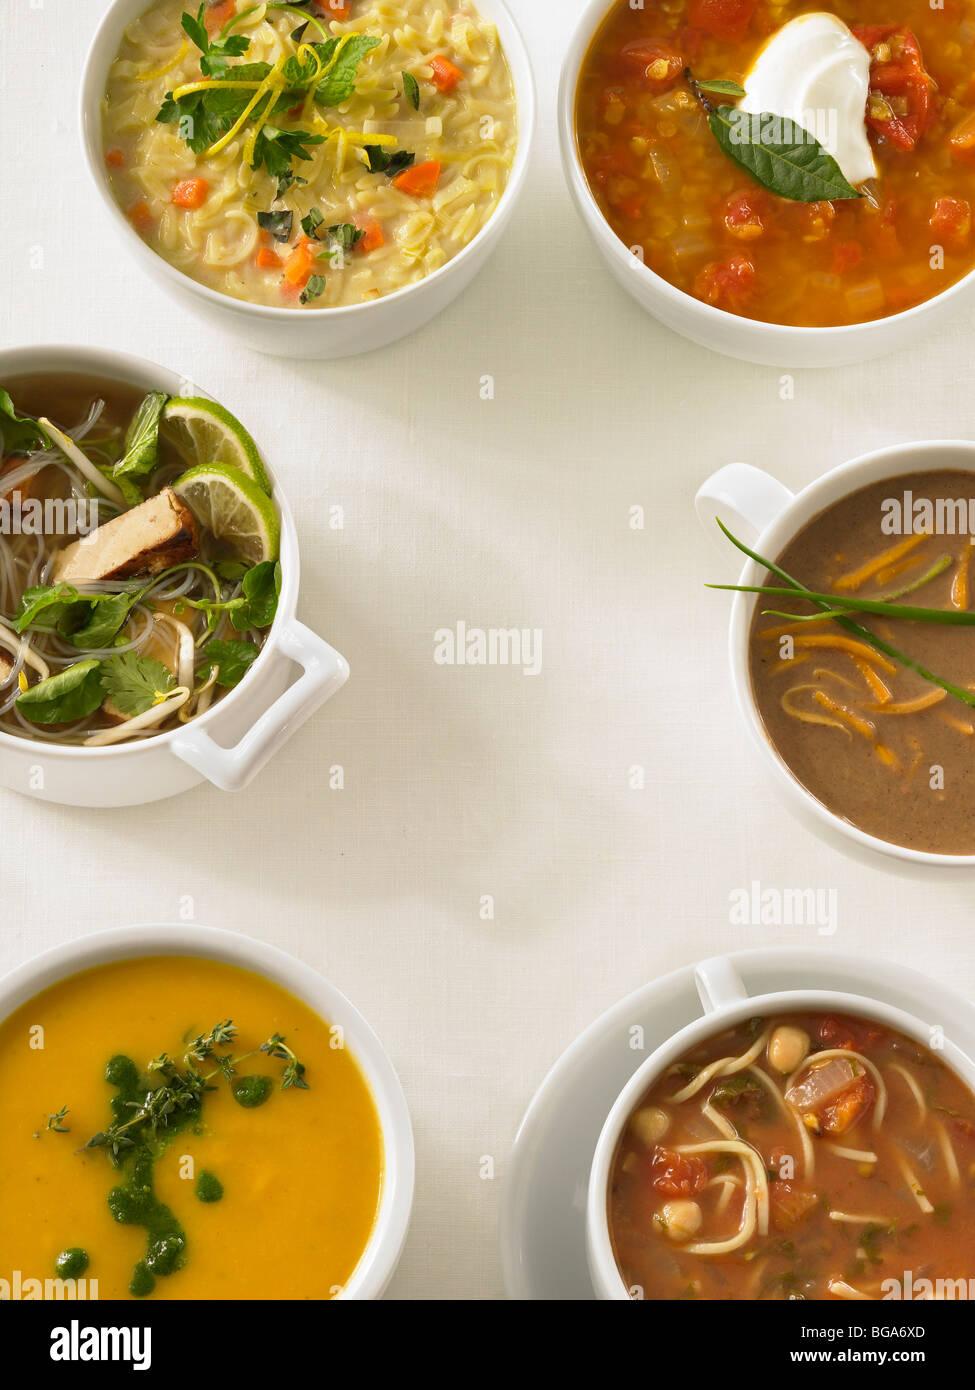 Seis sopas variadas sobre el mantel blanco Imagen De Stock